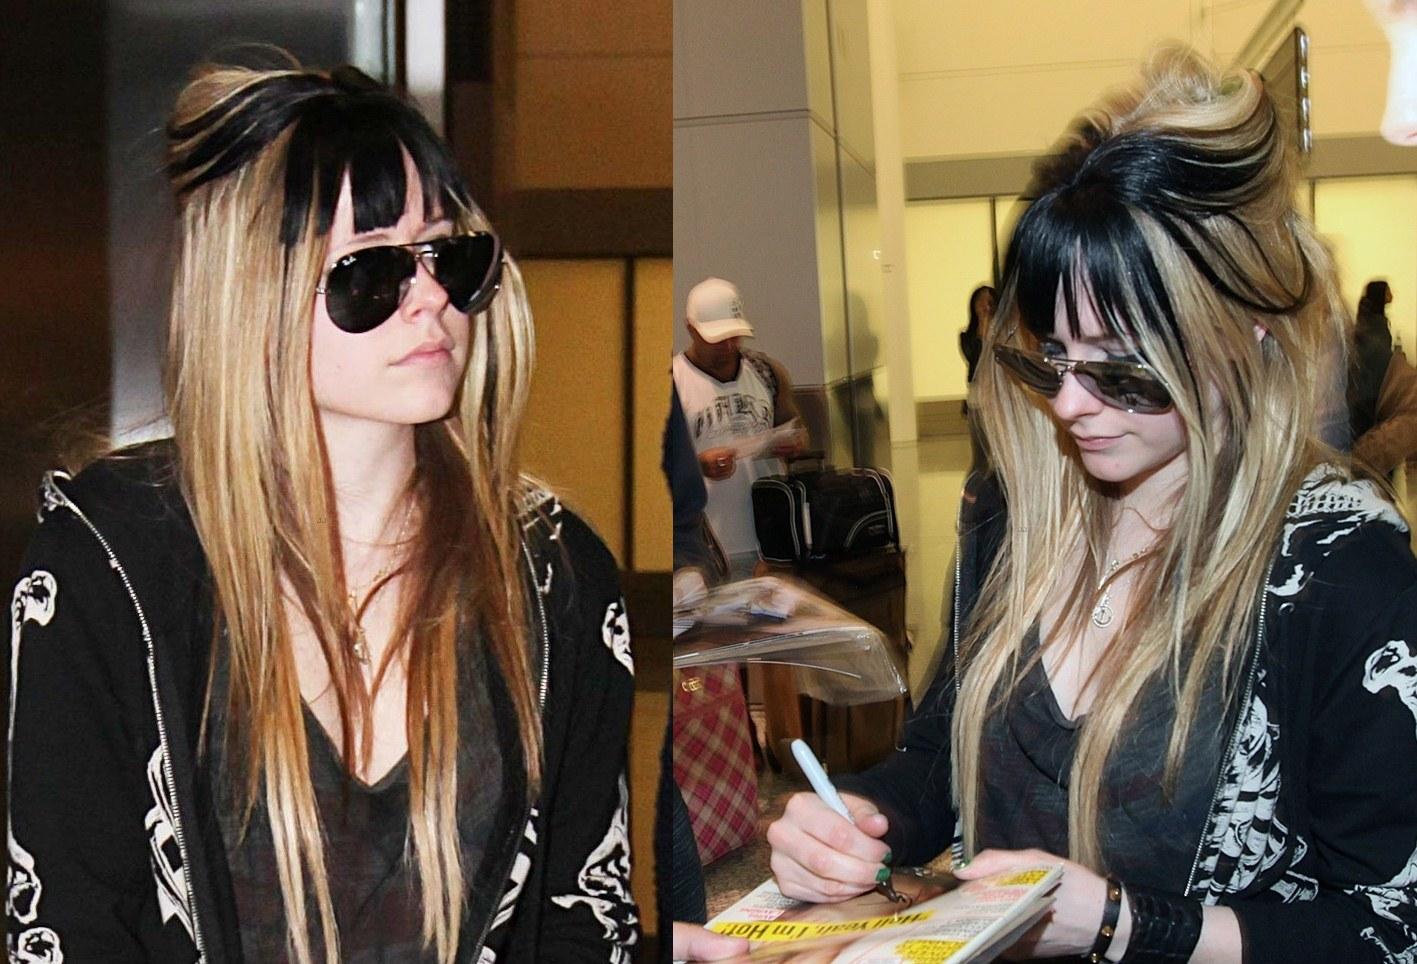 http://1.bp.blogspot.com/-kMu4Yl7fPeg/T9hDA7w_qNI/AAAAAAAAX2M/0ERamwJtUq0/s1600/zackylicious-Avrill-lavigne-weird-2012-hair.jpg